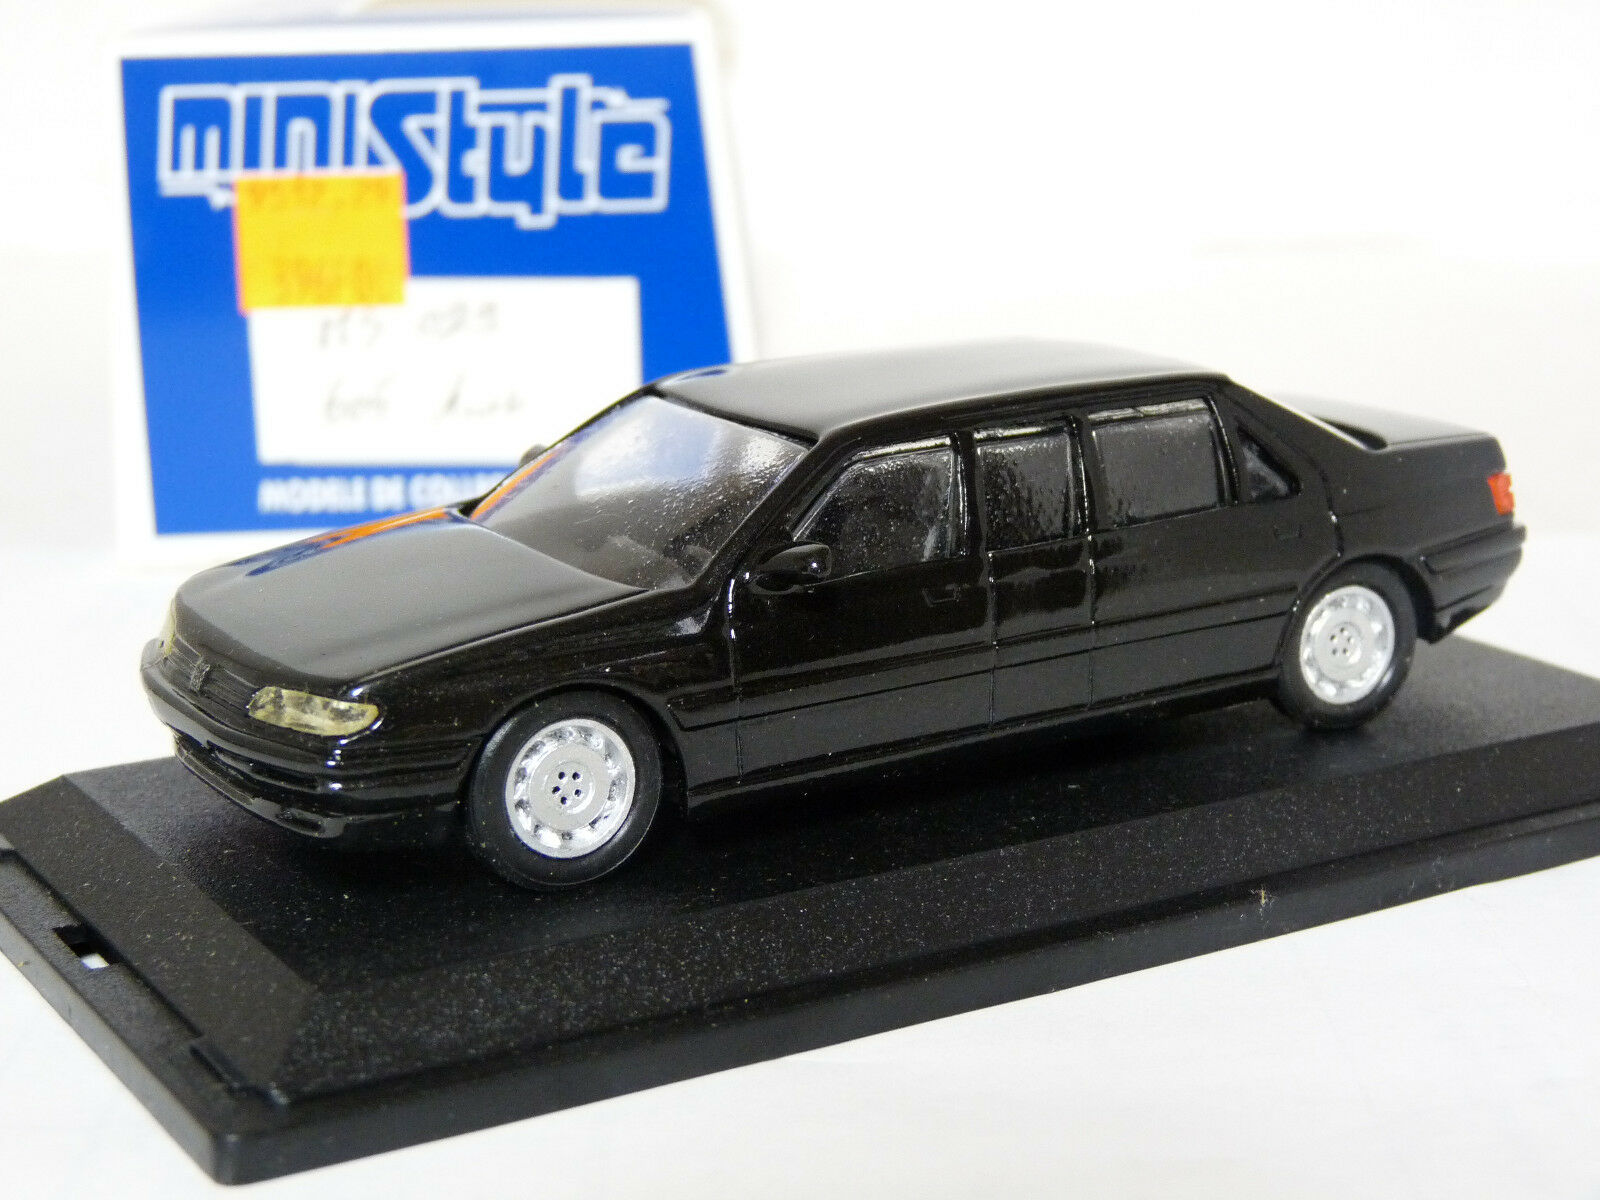 Ministyle 029 1 43 PEUGEOT 605 Labbe Limousine Handmade Résine Voiture Modèle